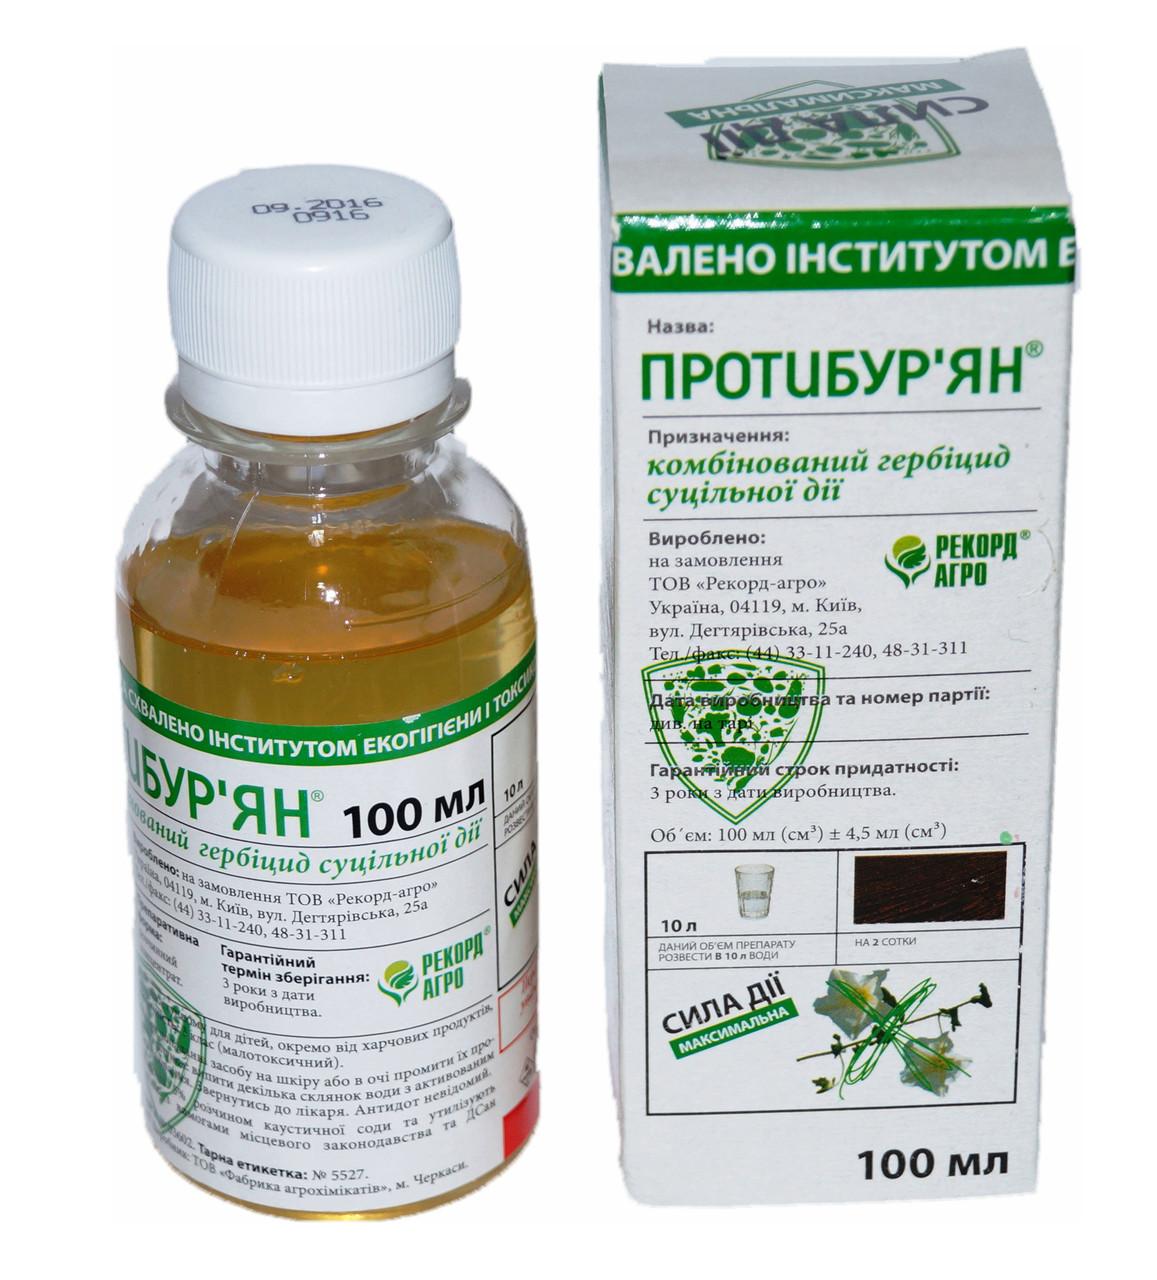 Гербицид Протибурьян (Антибурьян) 100мл, Рекорд Агро